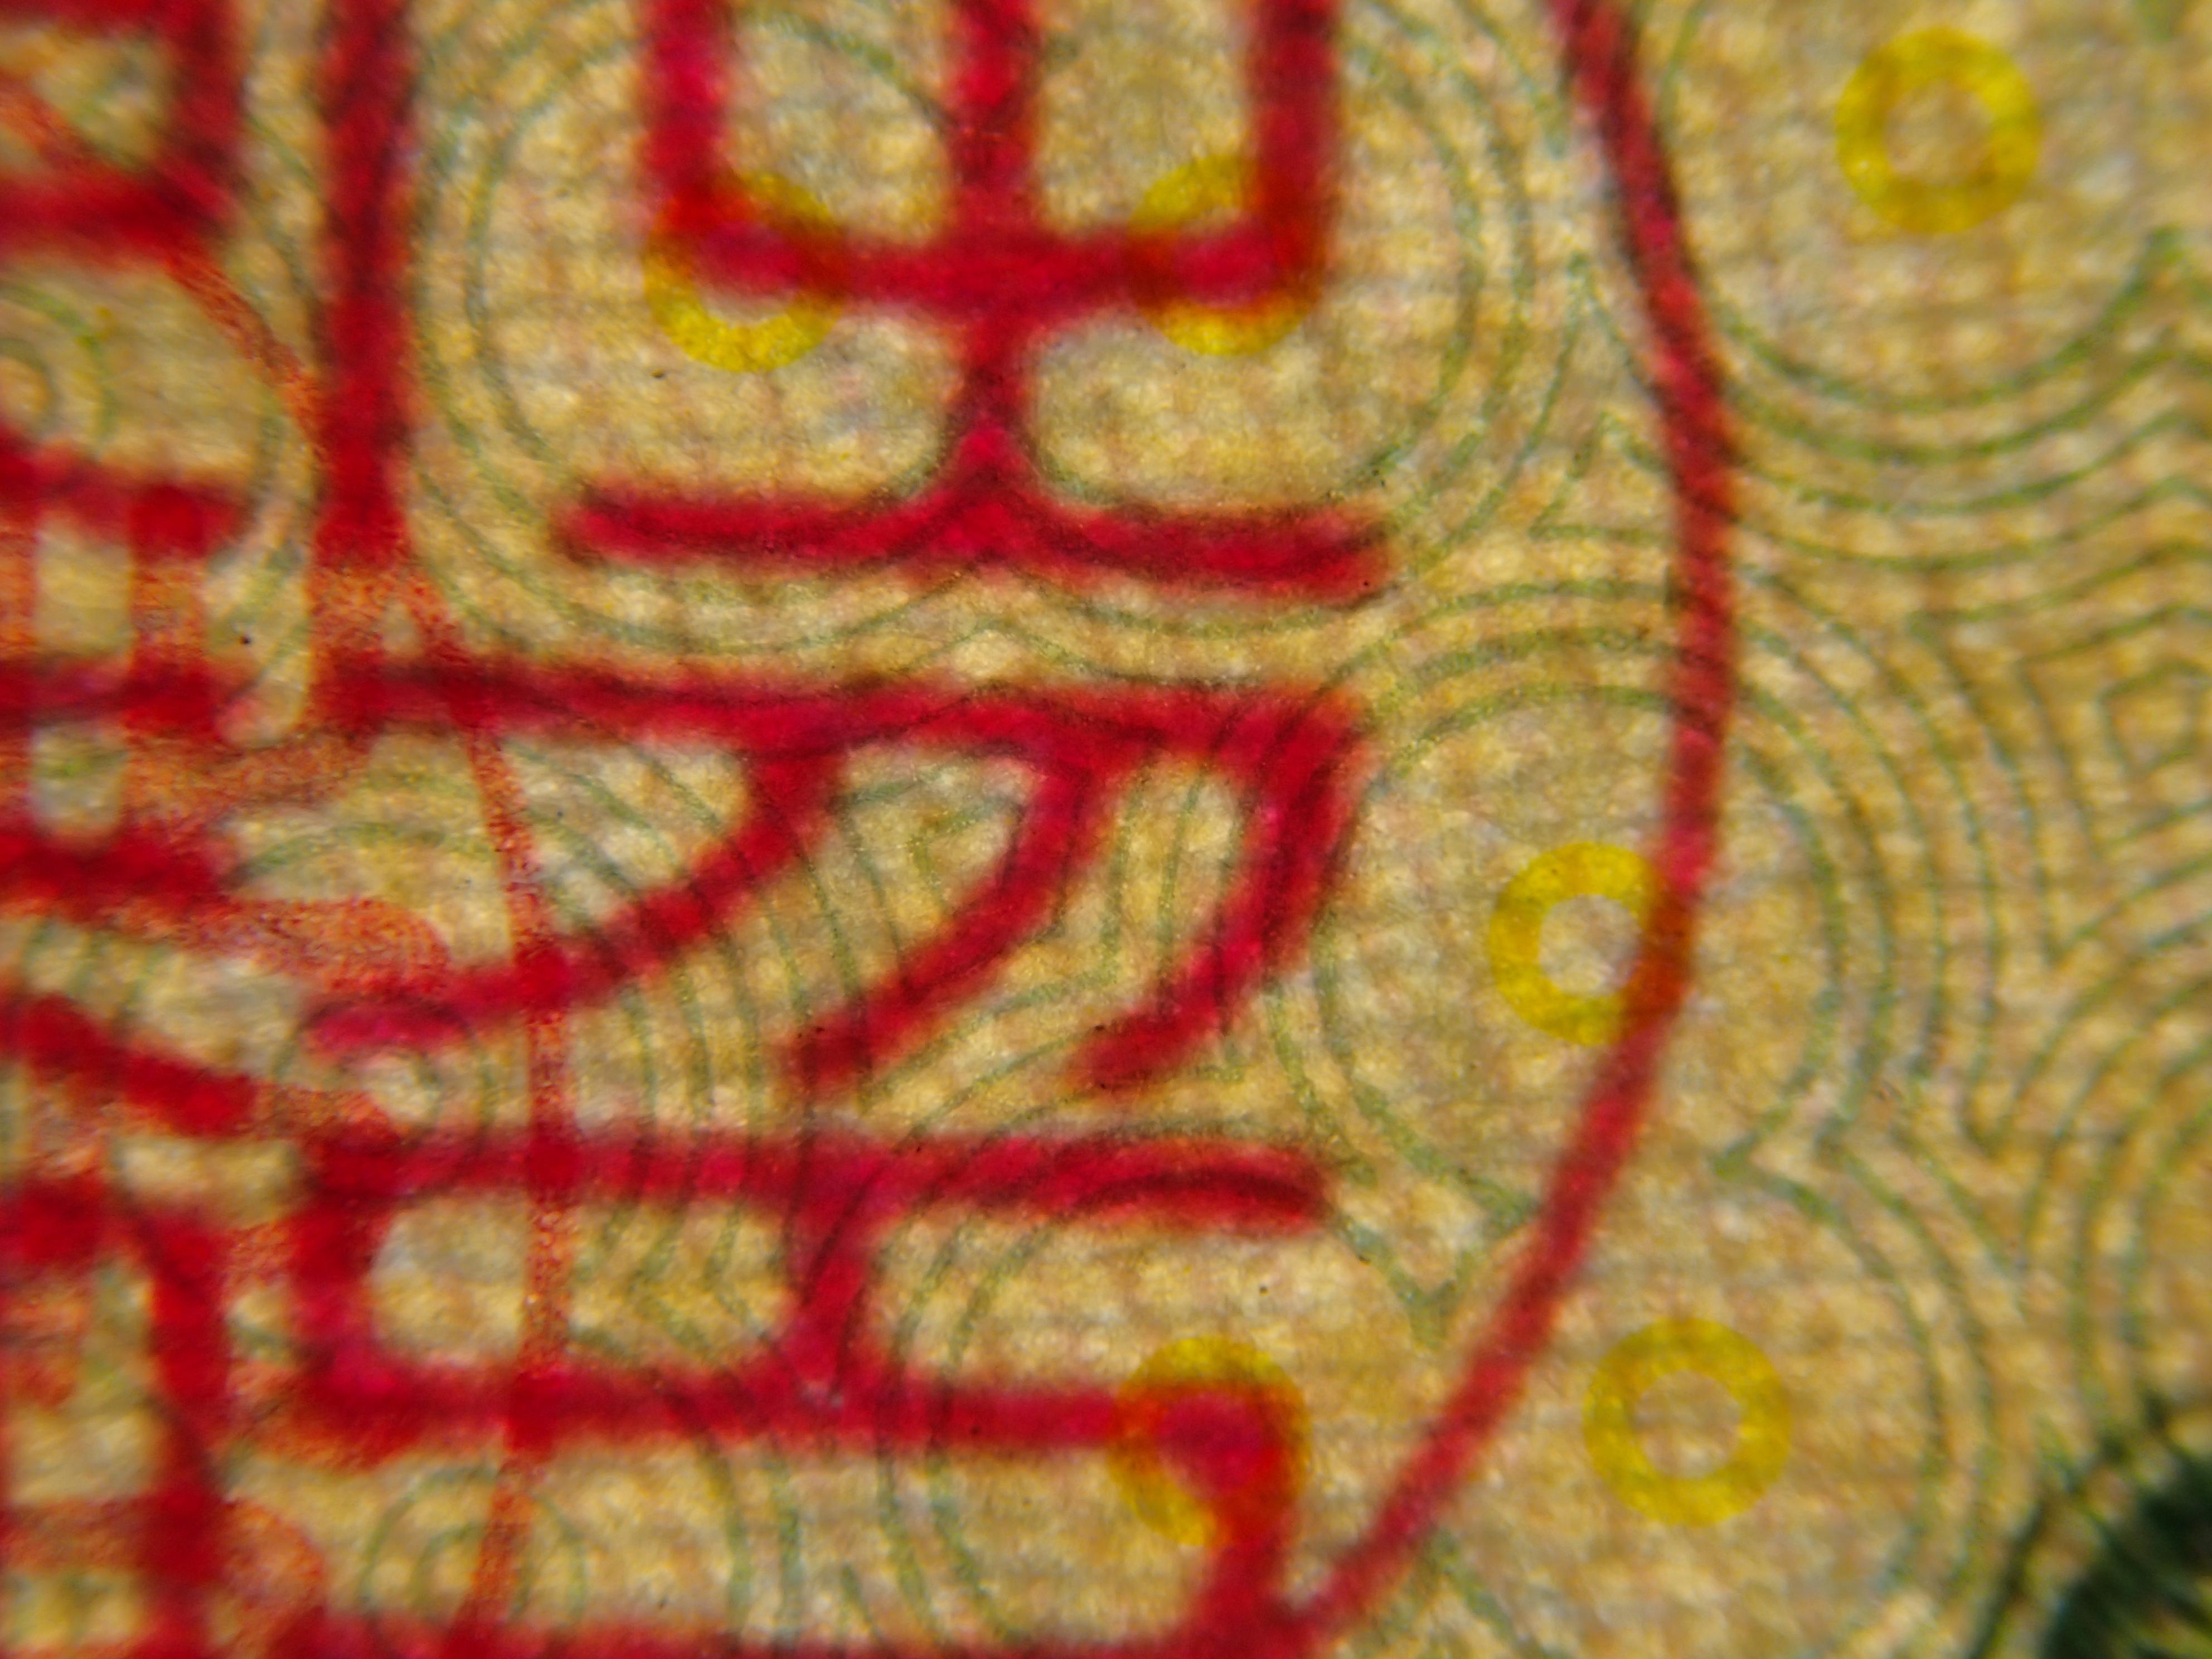 裏面に印刷された渦巻きのような模様と、表面に押された印鑑(総裁之印)の重なり。